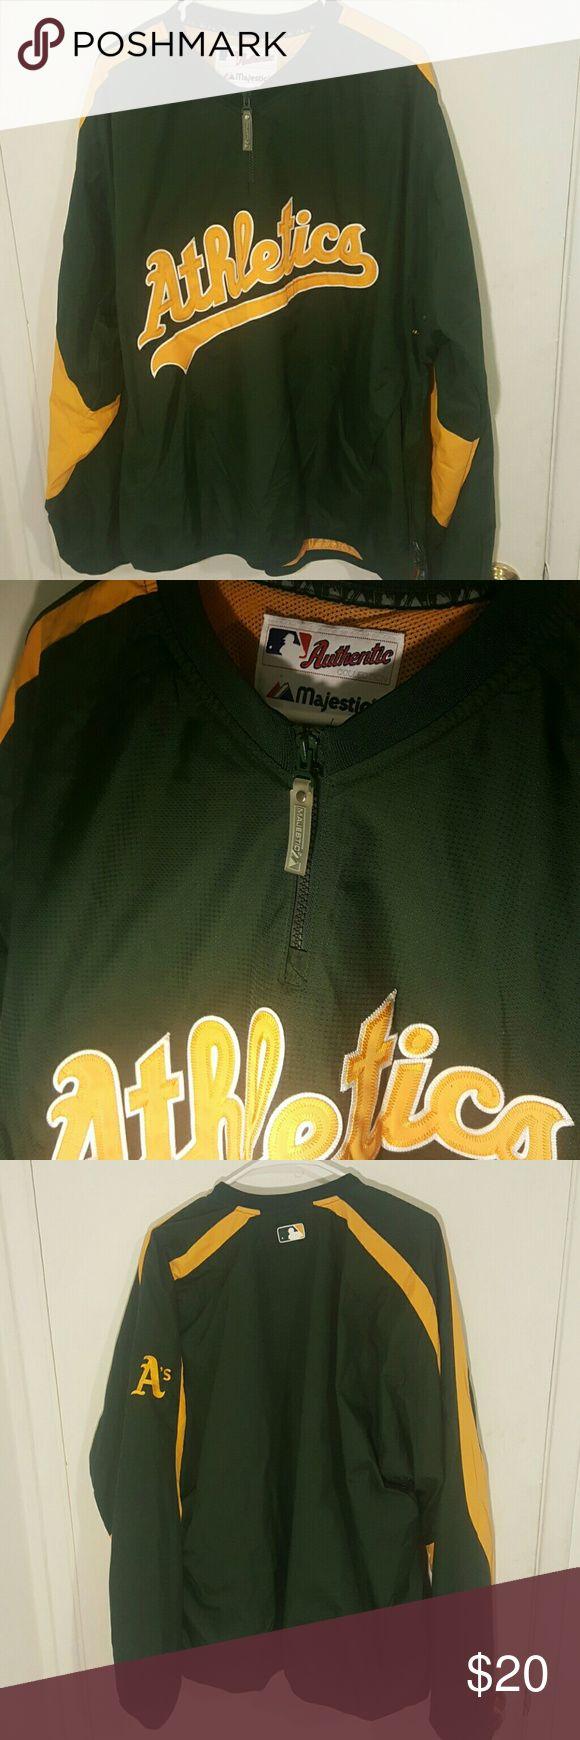 Oakland Athletics Majestic Jacket Worn 1 time Majestic Jackets & Coats